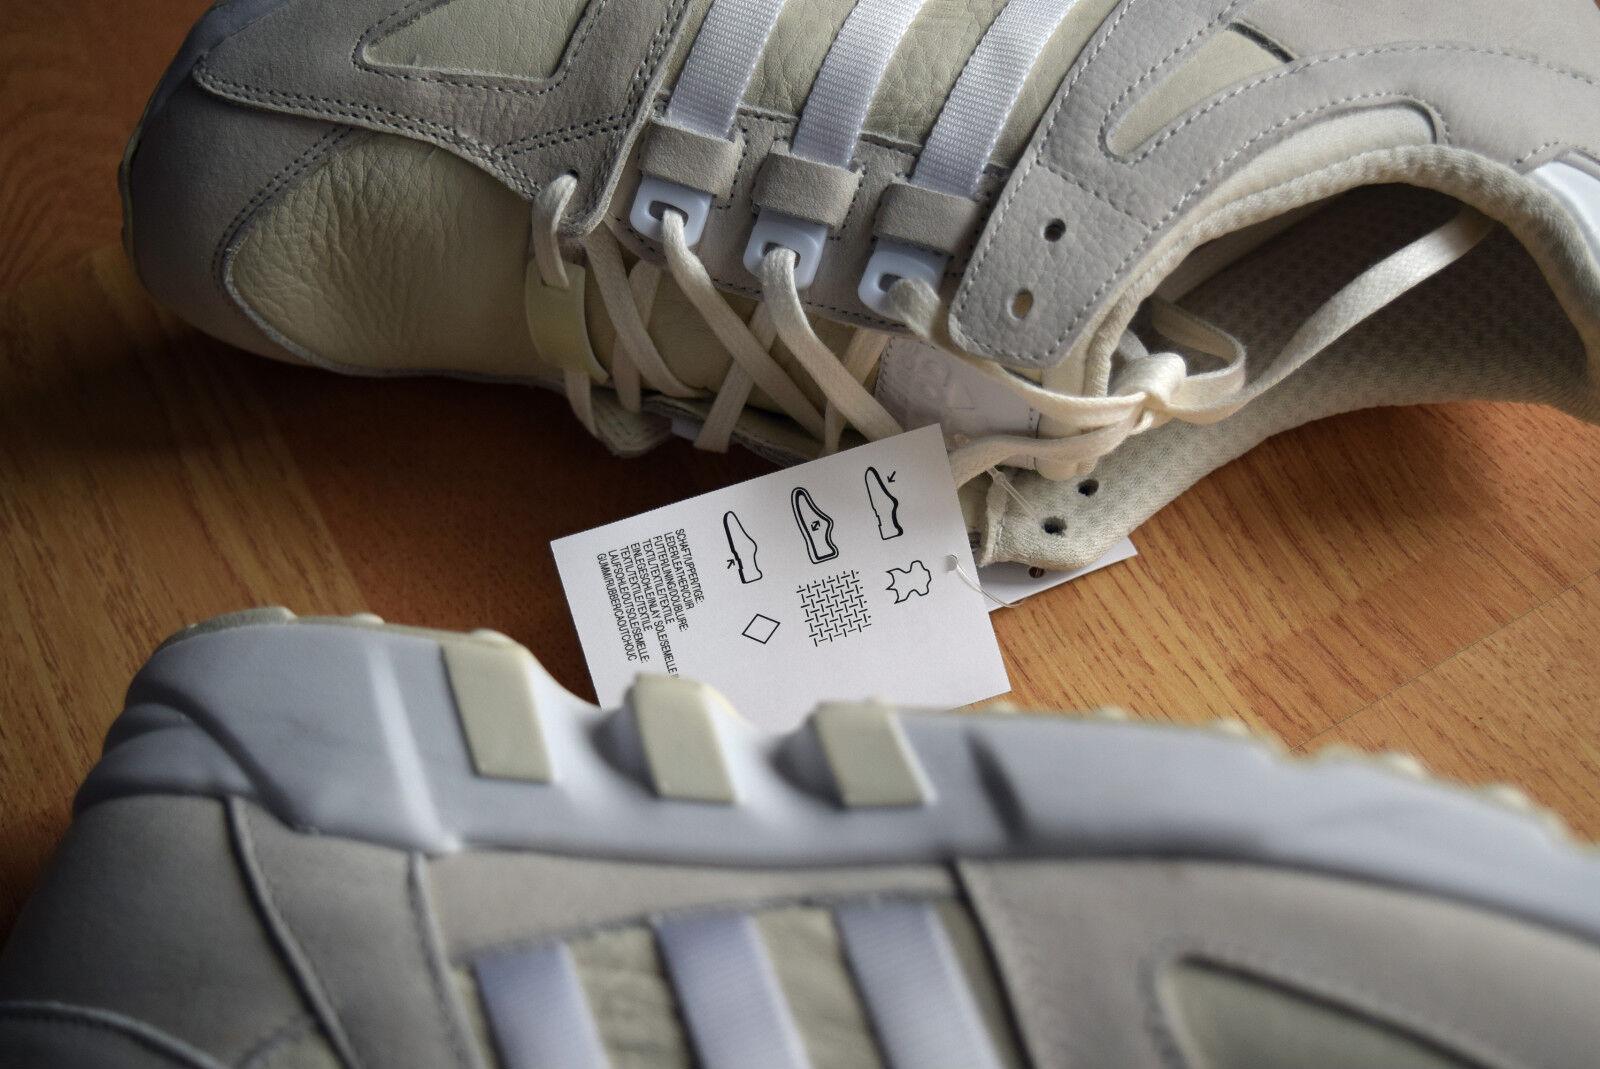 Adidas attrezzature di orientamento 93 40 41 42 43 43 43 44 45 46 47 46 48 49 b25296 sostegno c1b7d0